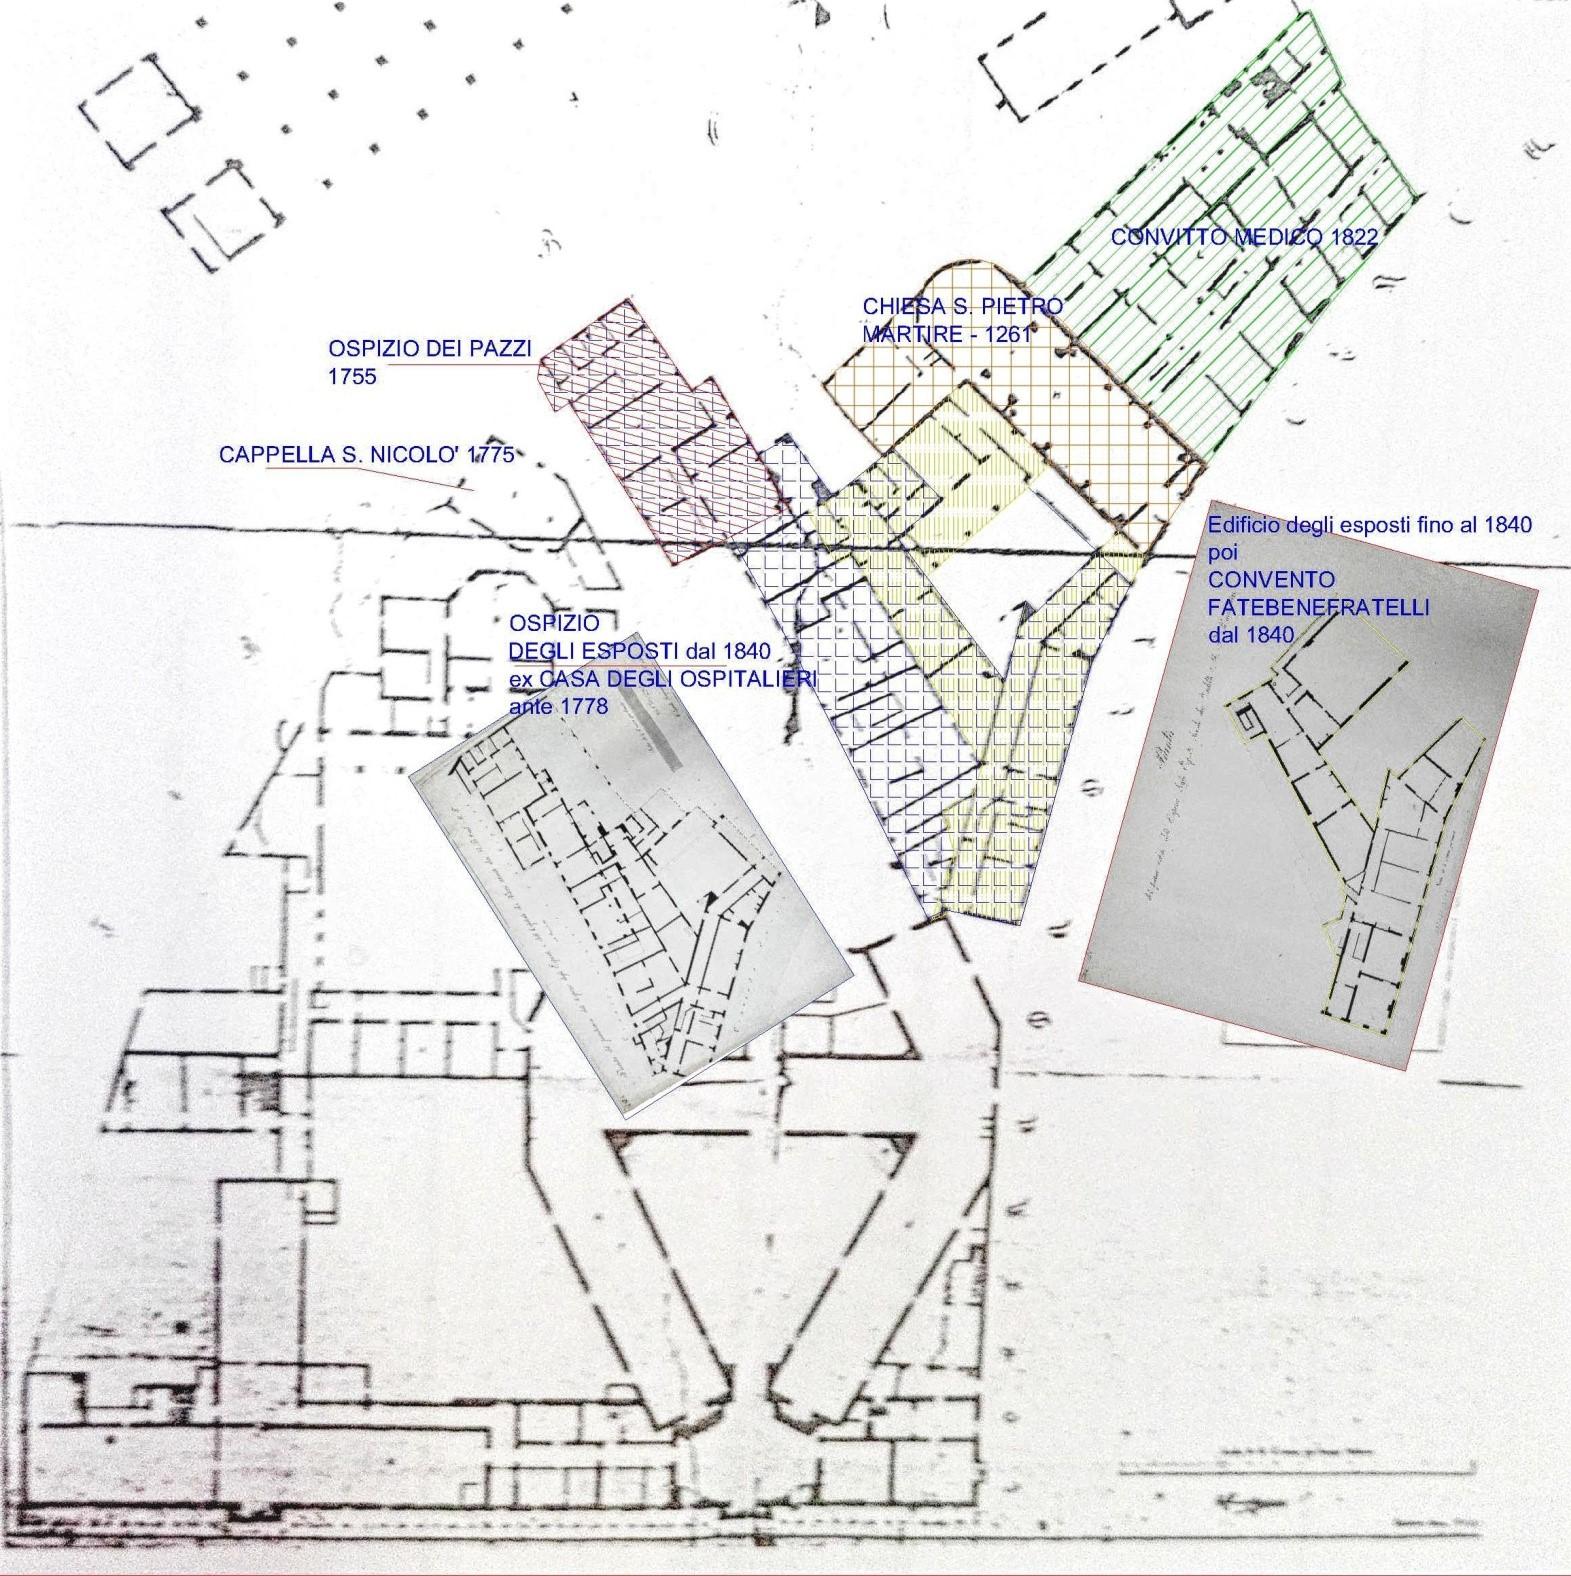 Trasformazioni edilizie 1753-1840 c.a.